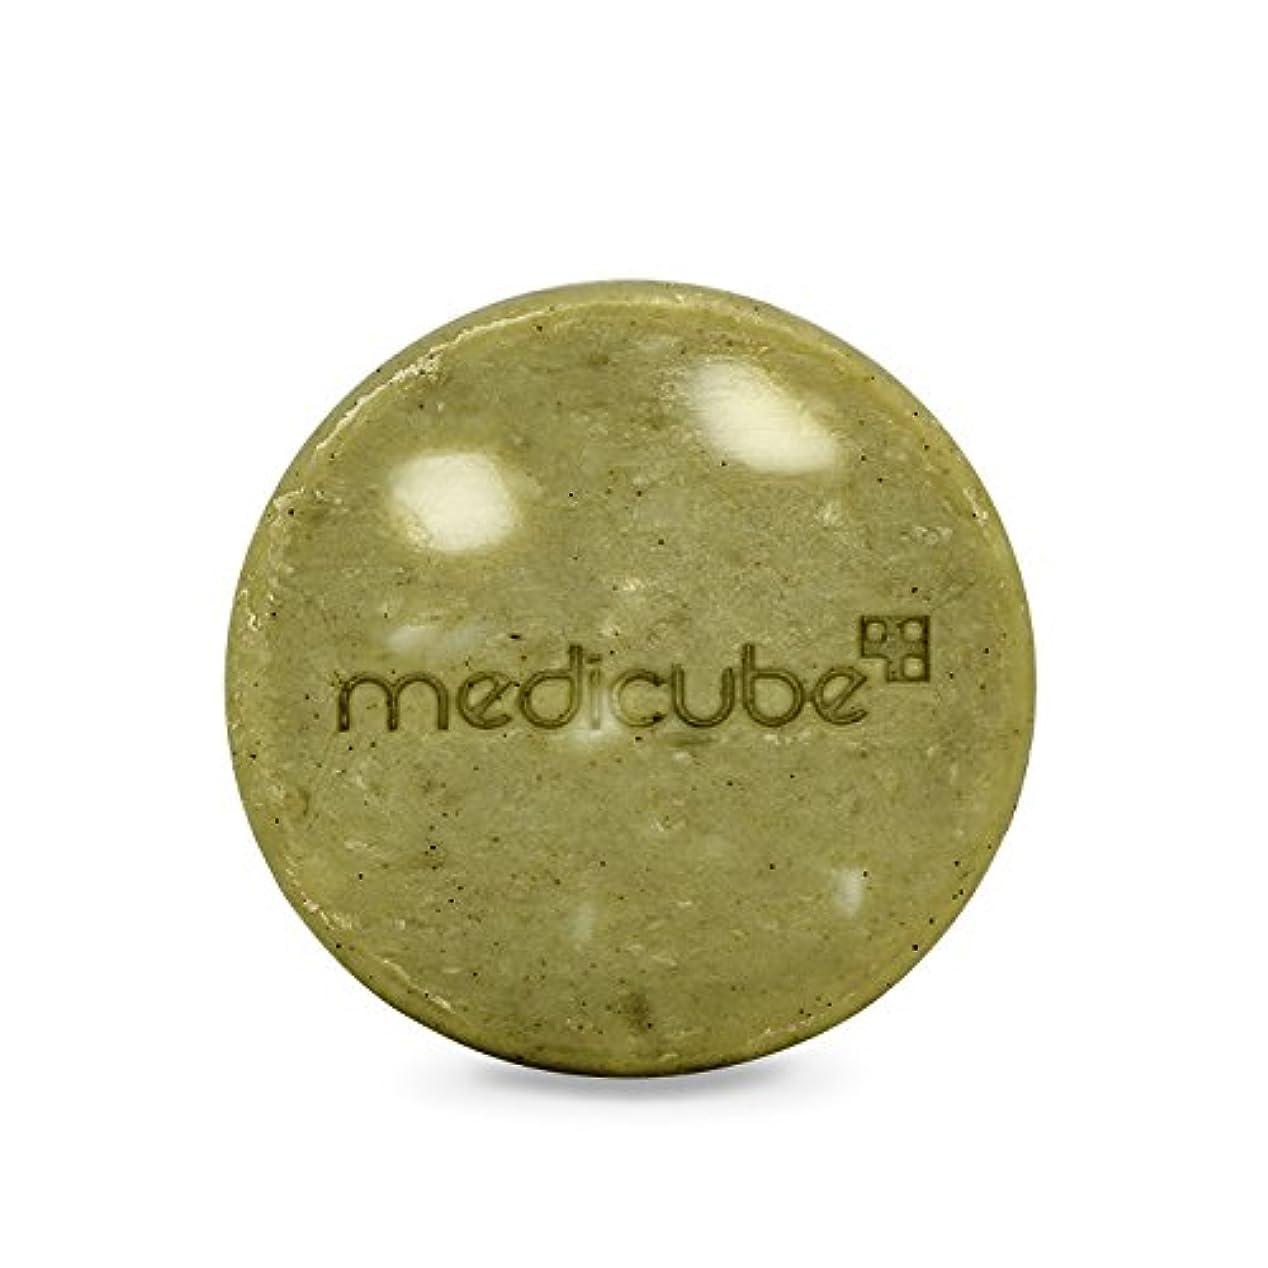 ルー講師助けて[Medicube]Red Body Bar / メディキューブレッドボディバー / 正品?海外直送商品 [並行輸入品]